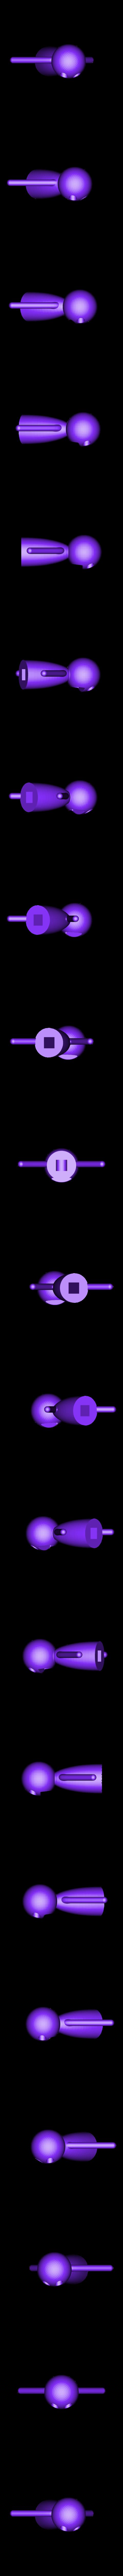 Function_Stickman_y-IxI_top.stl Télécharger fichier STL gratuit Dancing Function Stickmen • Plan pour impression 3D, Chrisibub